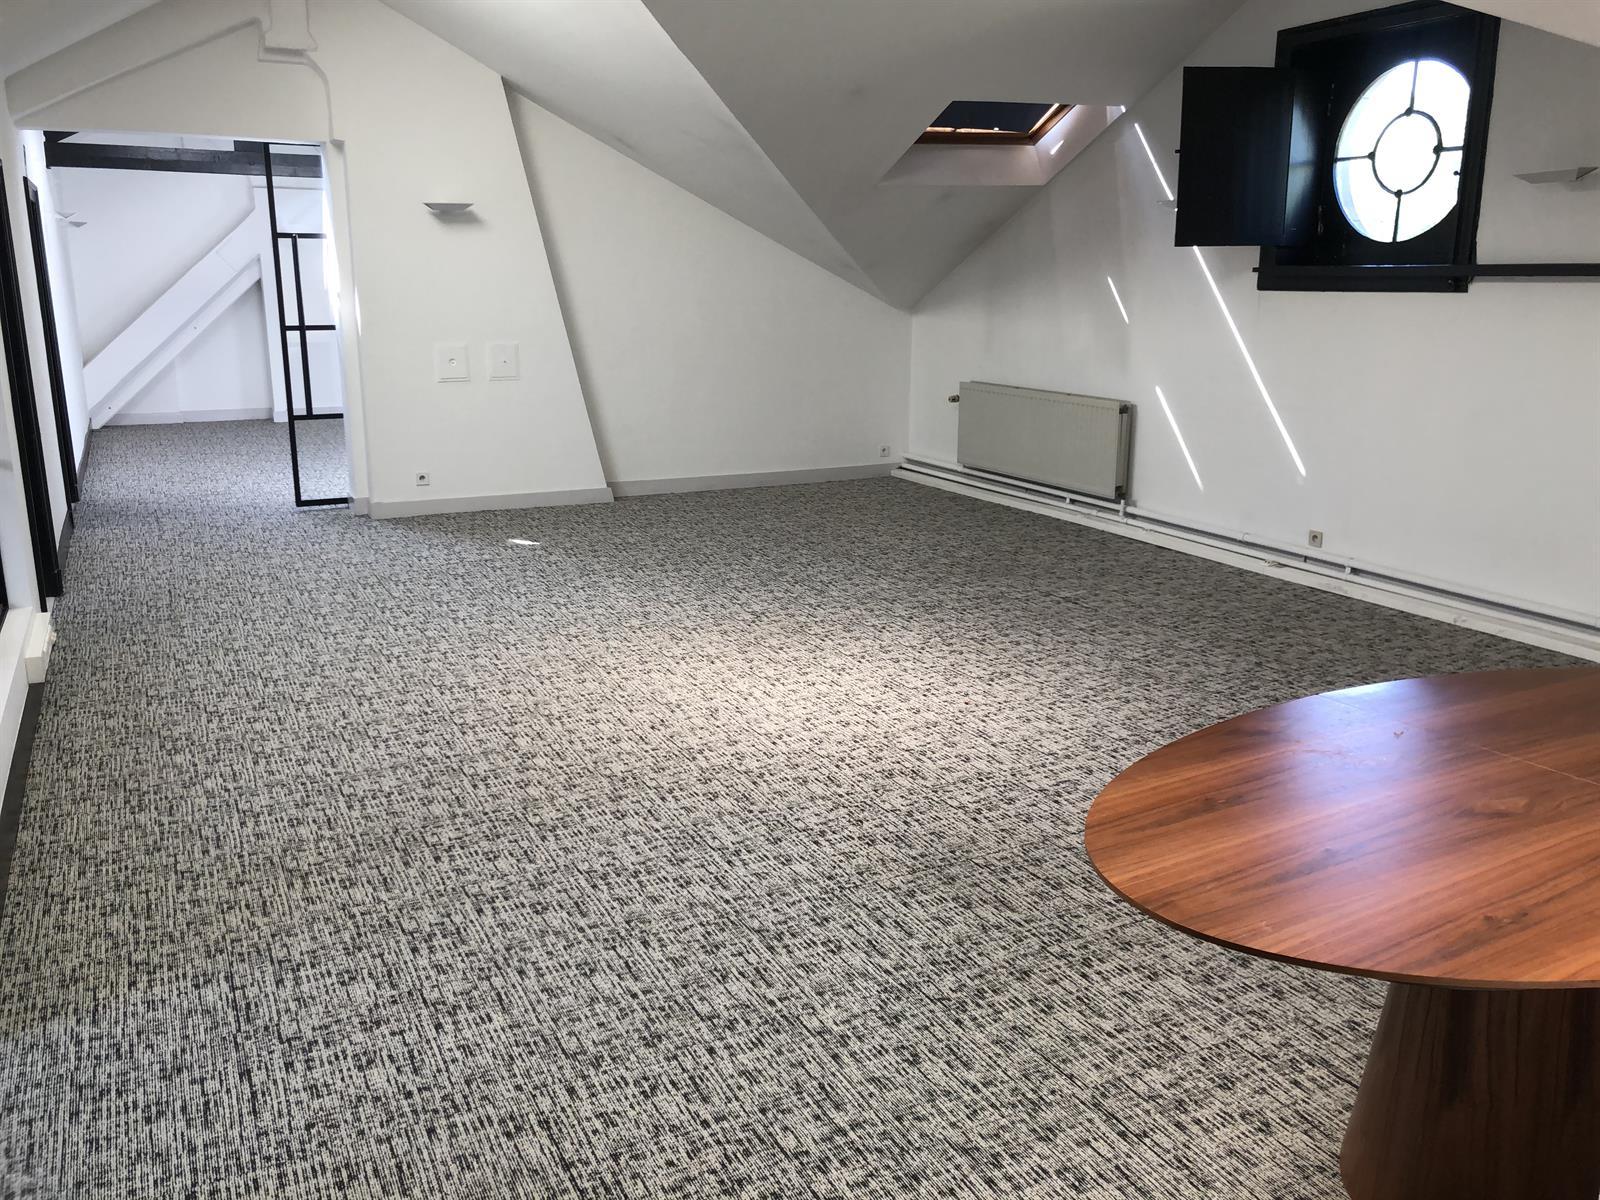 kantoor te huur Kantoorruimte in kasteel den Brandt - Beukenlaan 12, 2020 Antwerpen, België 6